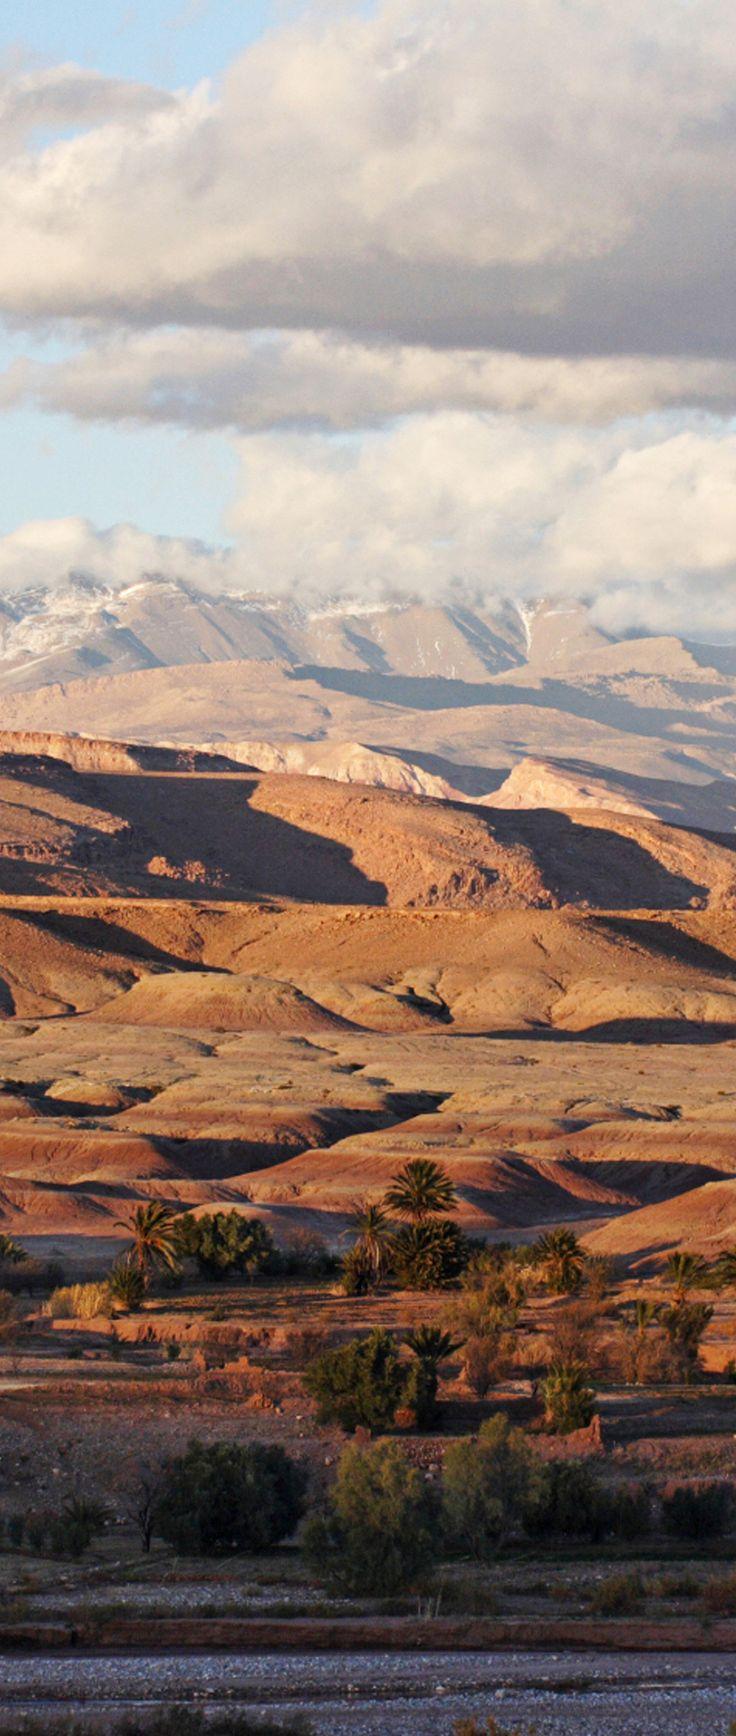 Montañas nevadas en Marruecos. ATLAS. Todo es posible en la naturaleza. Nosotros somos parte d ella.